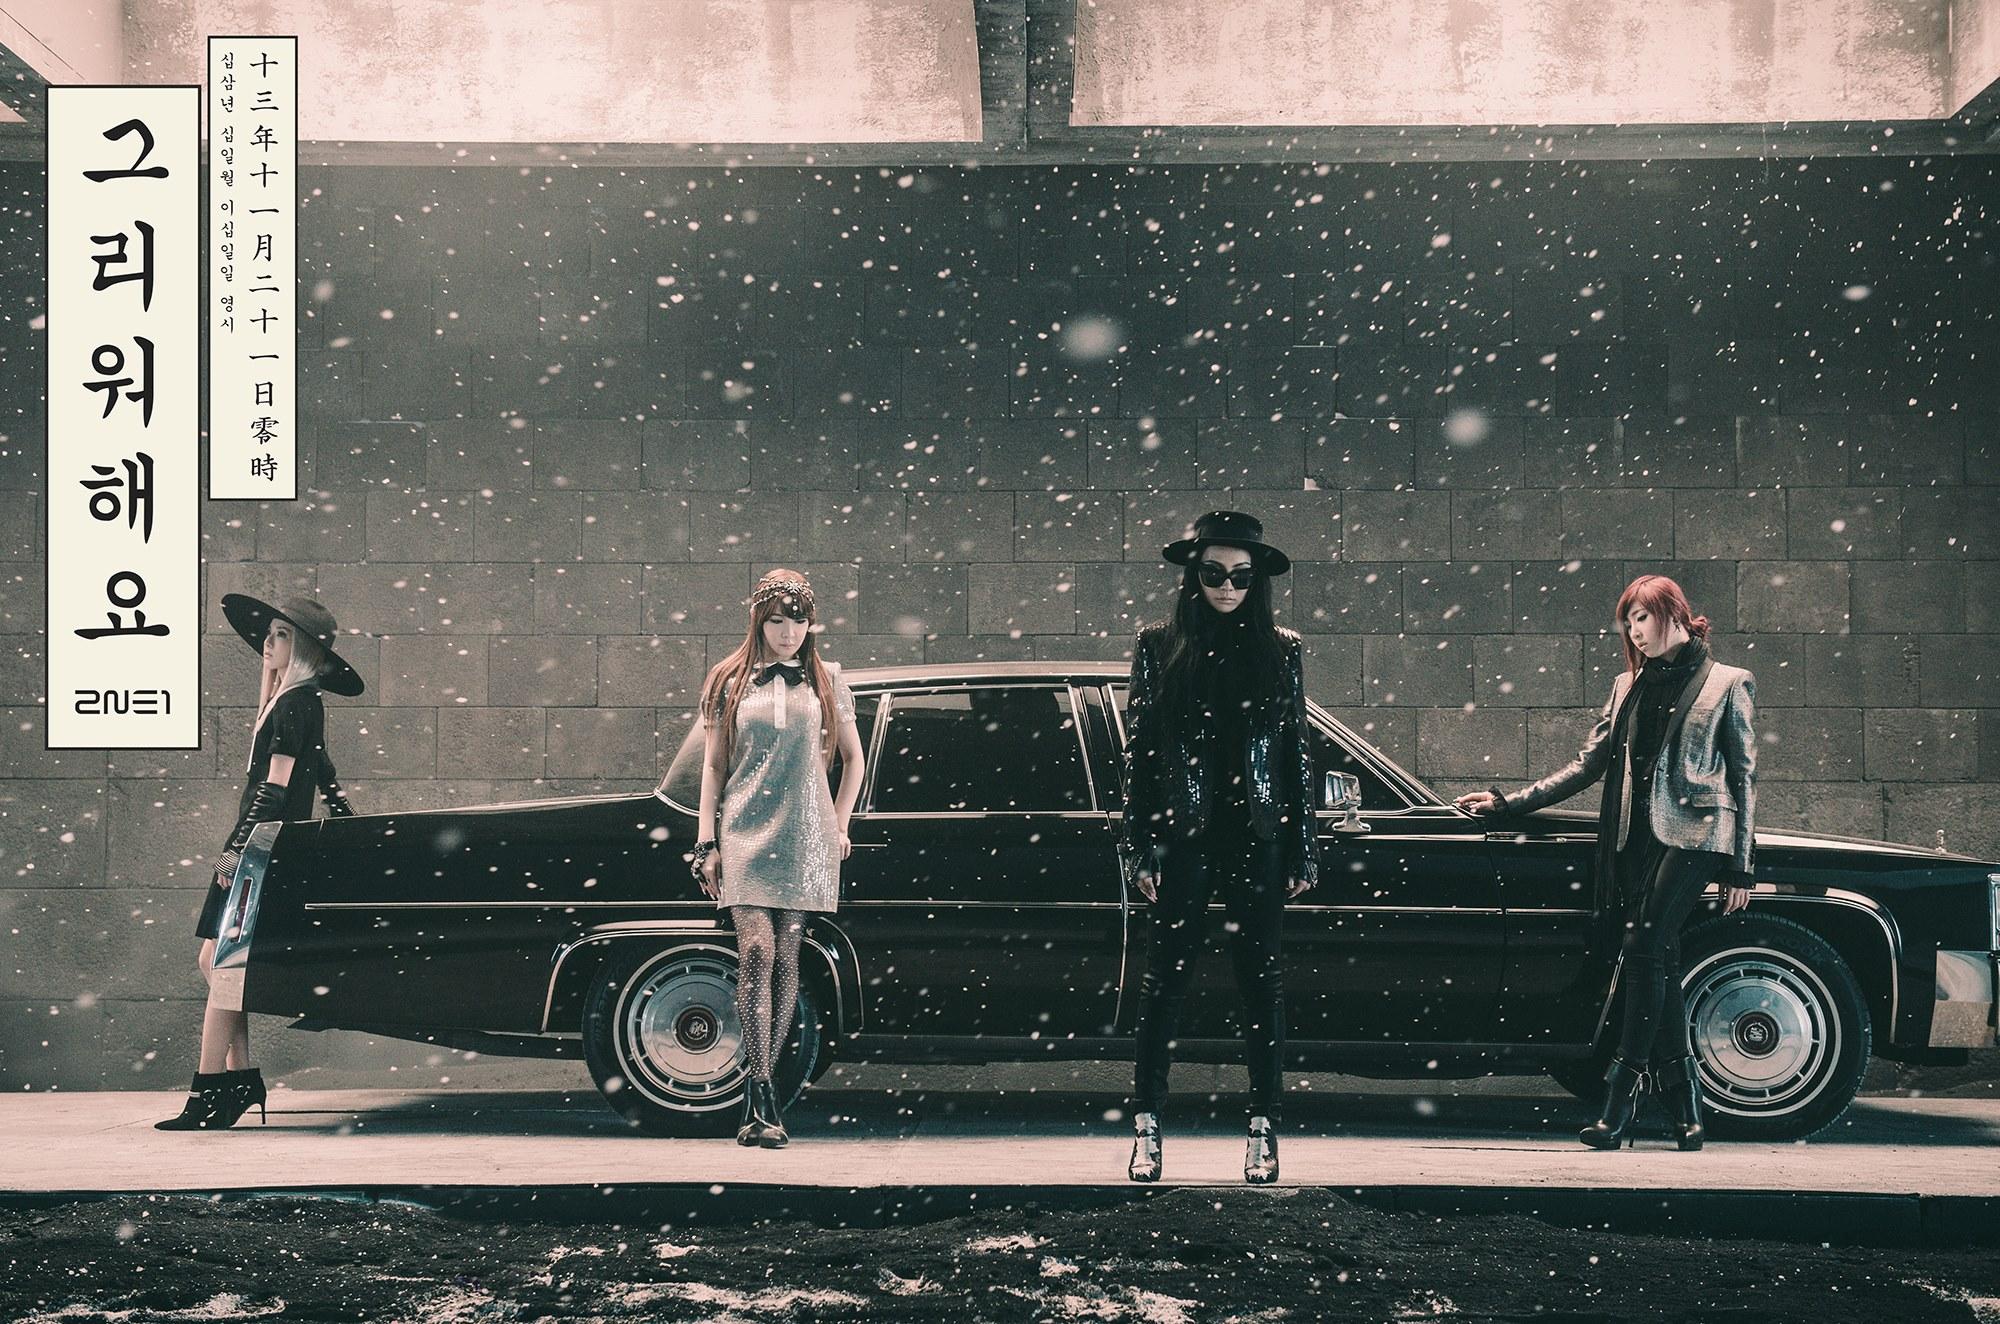 不管是韓國還是海外,粉絲紛紛表達他們的想念  「2NE1的歌很好聽說」 「繼續等待中,先等CL在美國出道之後換2NE1寶貝們~」